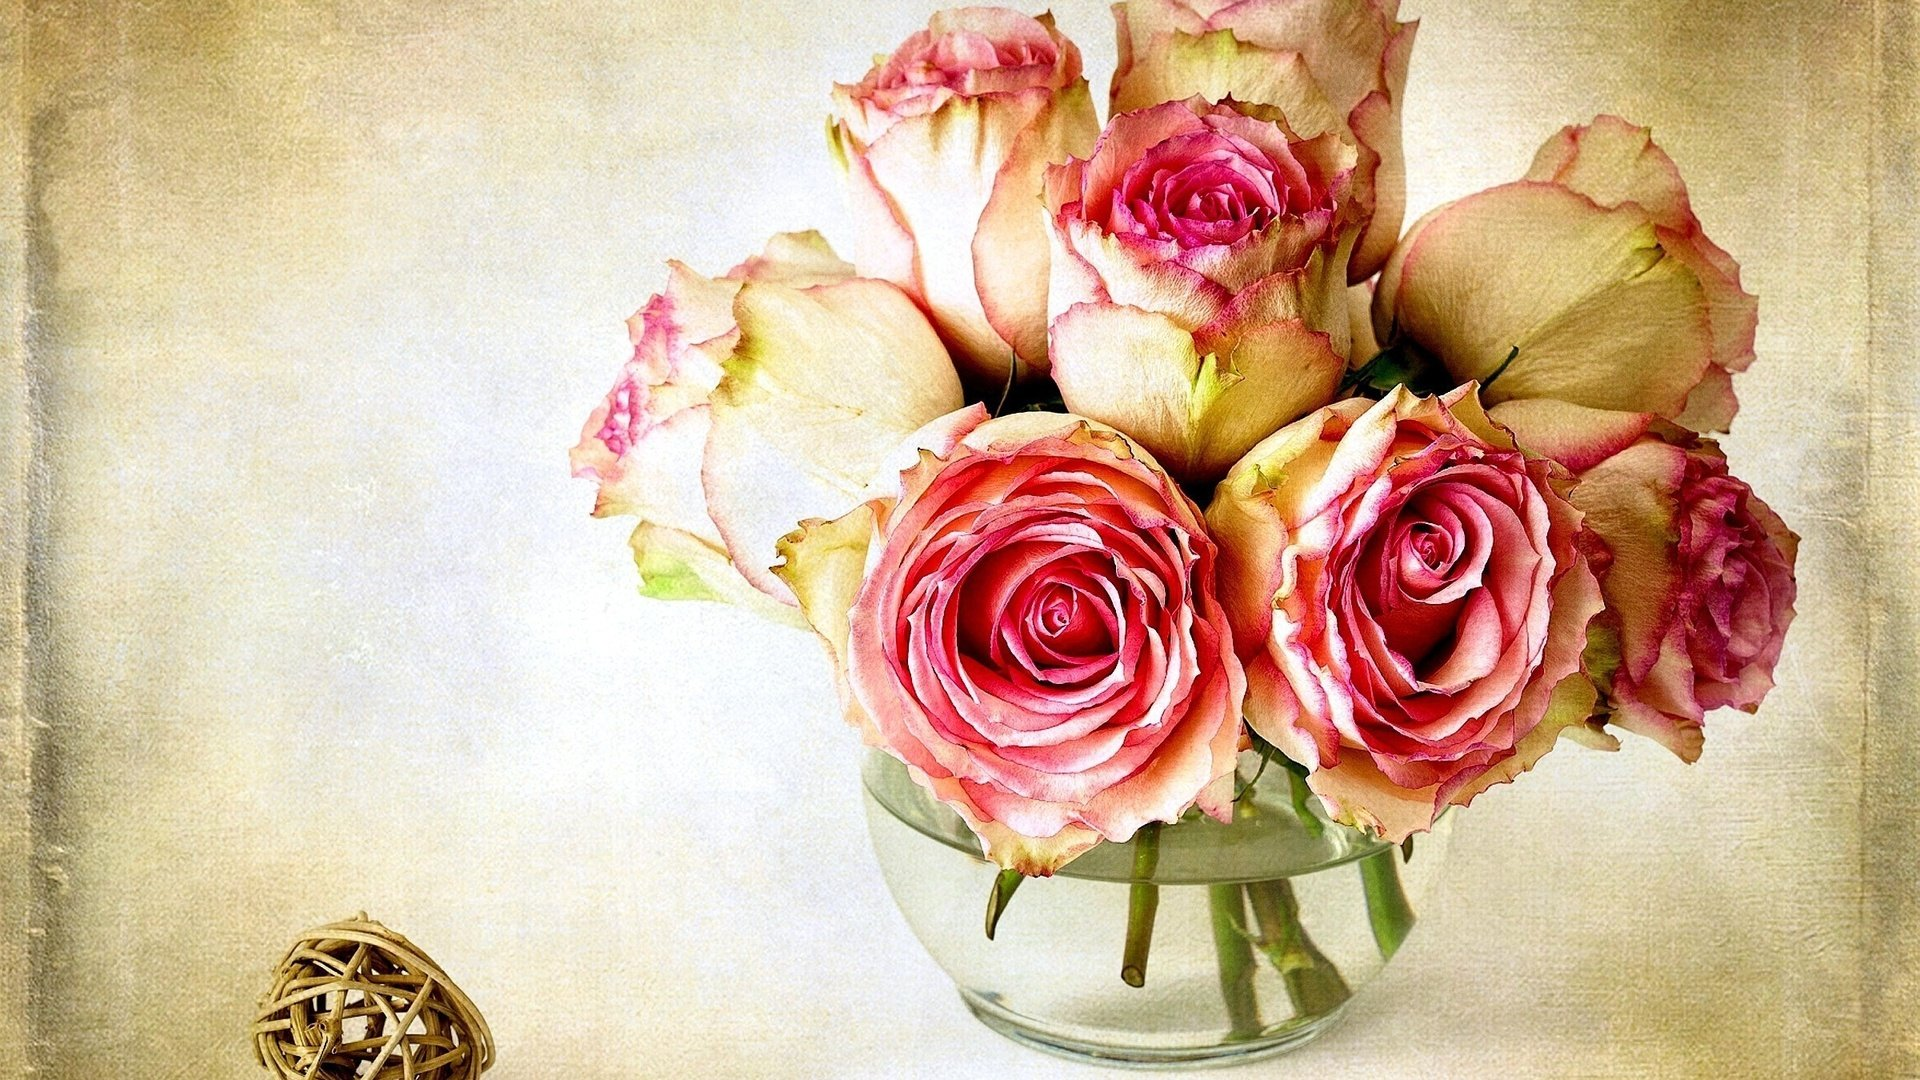 Красивые открытки с цветами высокого разрешения, разных языках